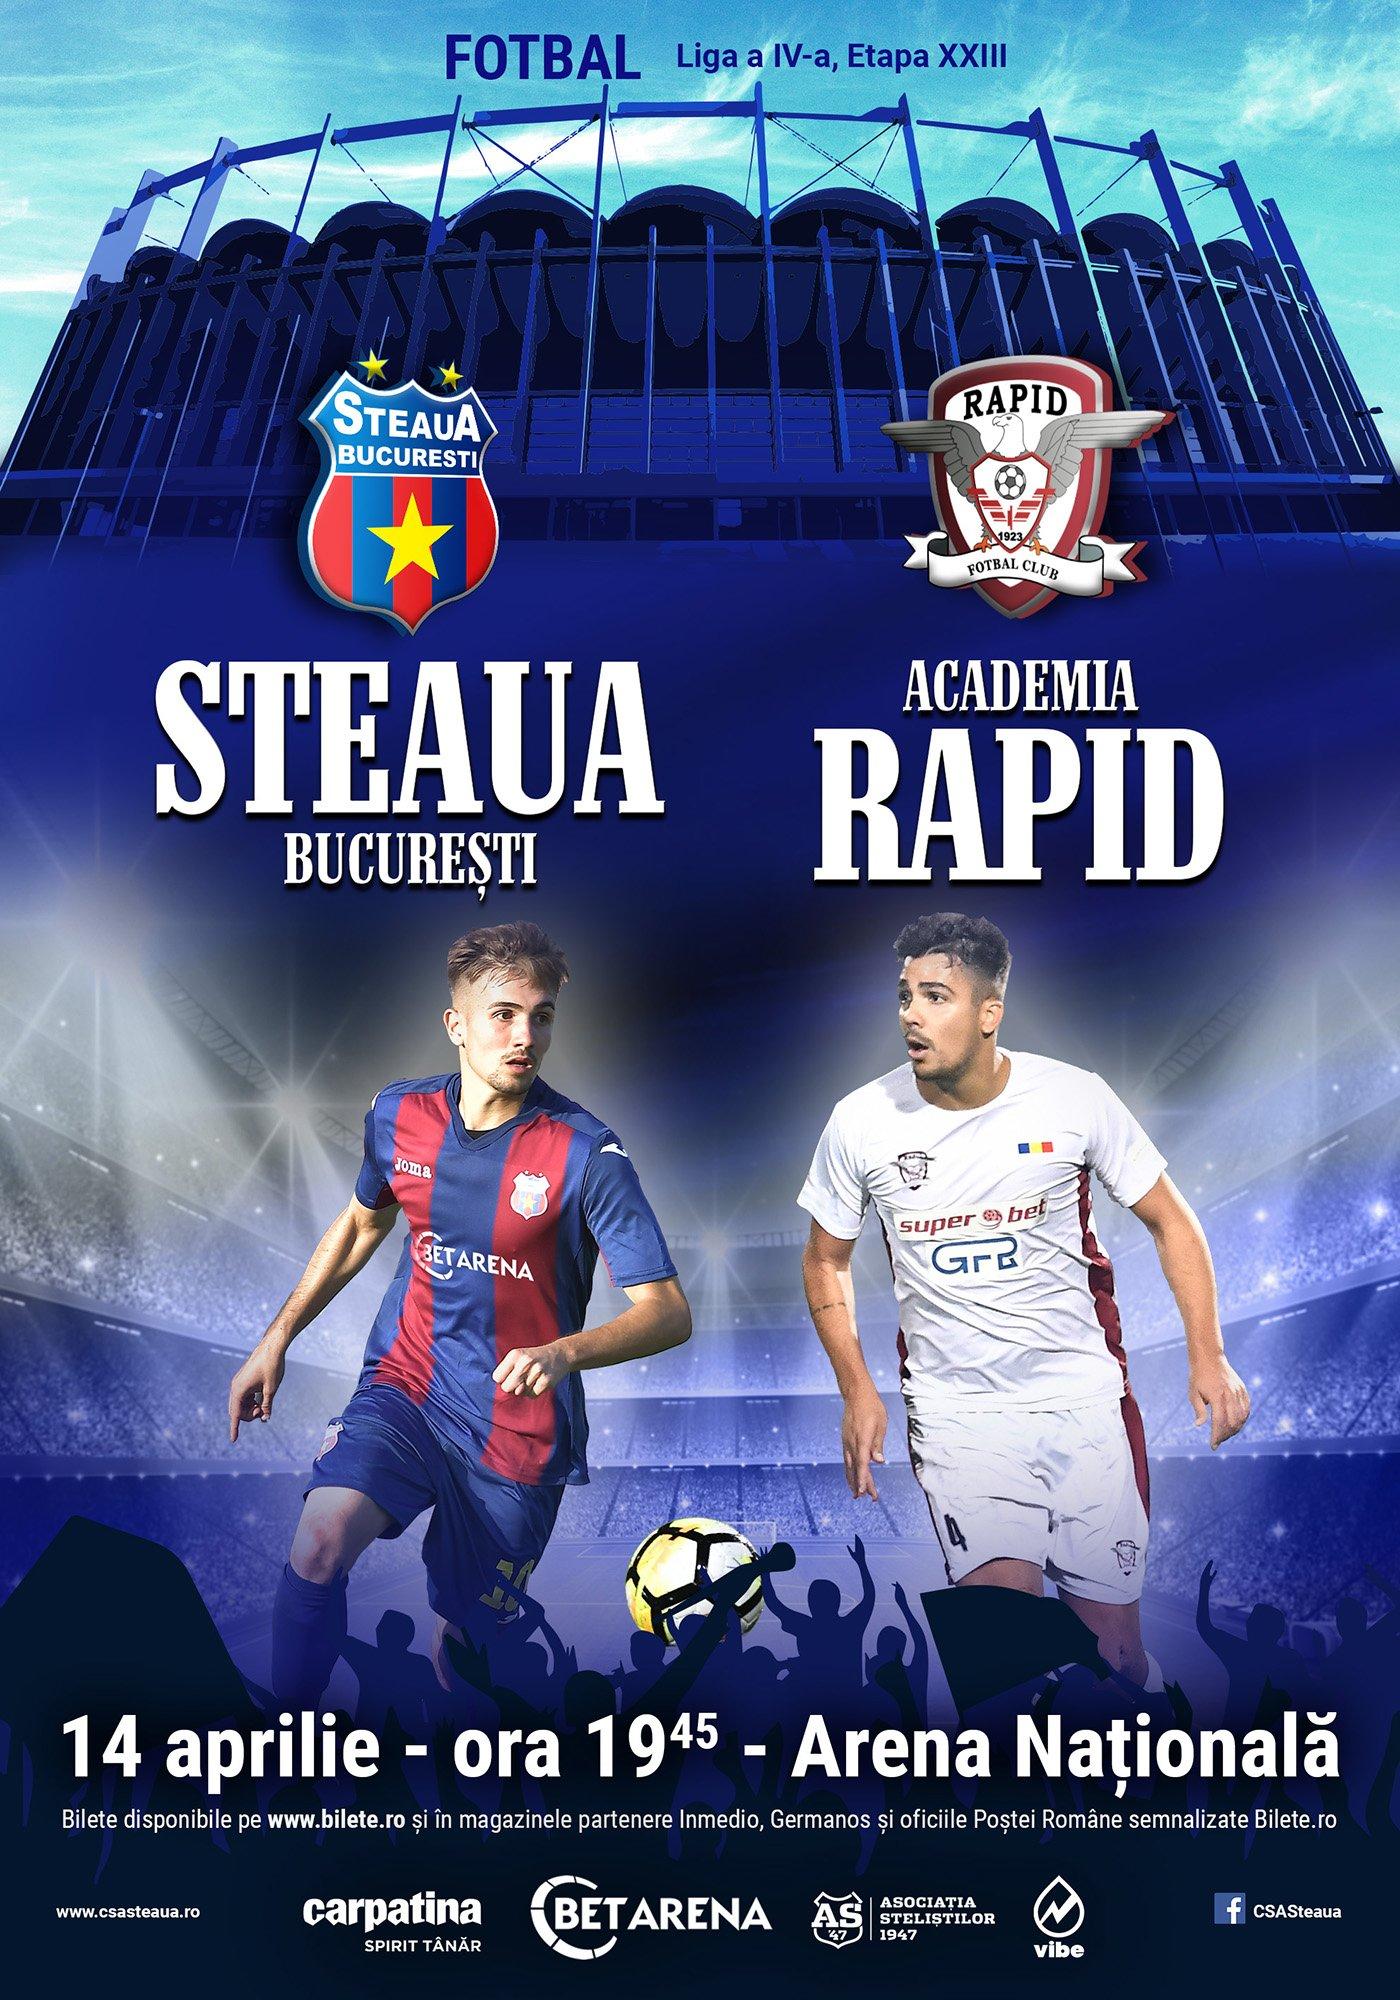 CSA Steaua București (football) - Wikipedia  |Csa Steaua